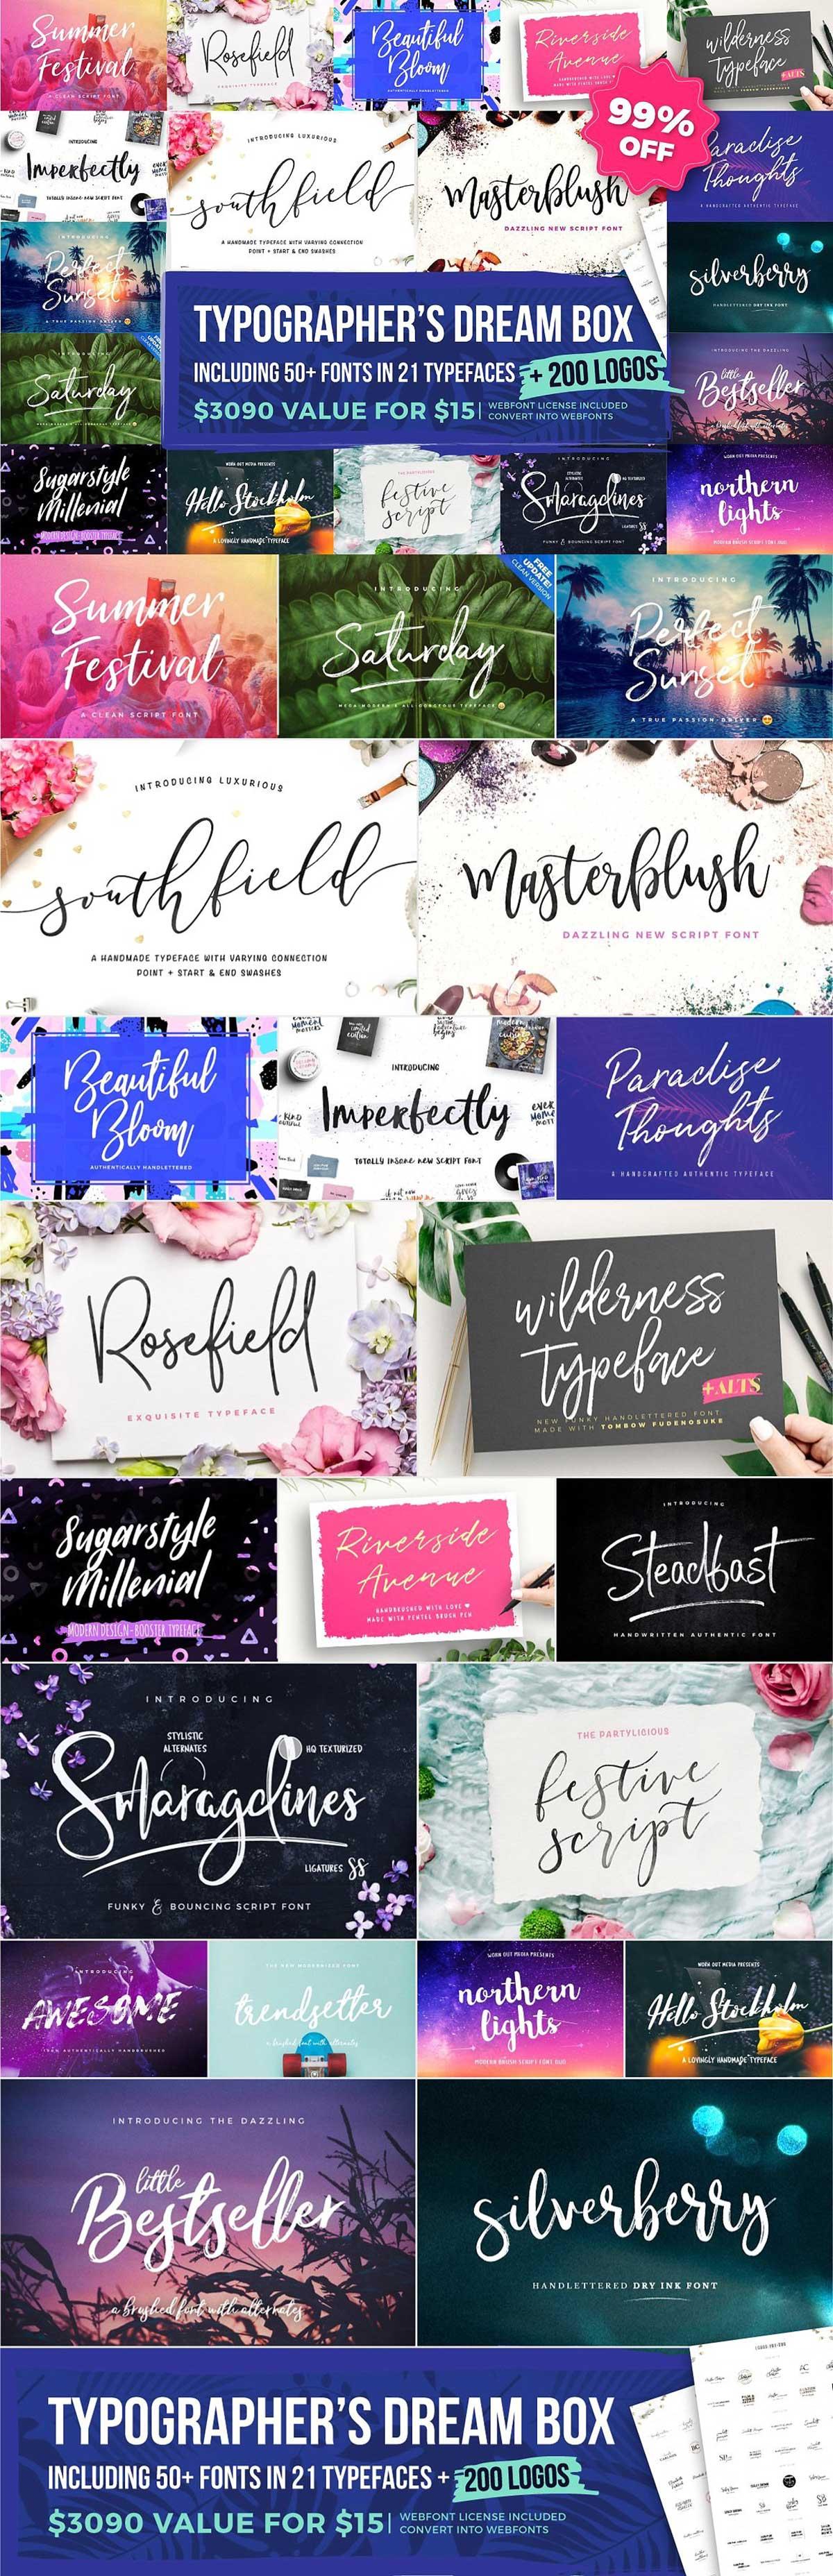 Typographer's Dream Box + 200 Logos